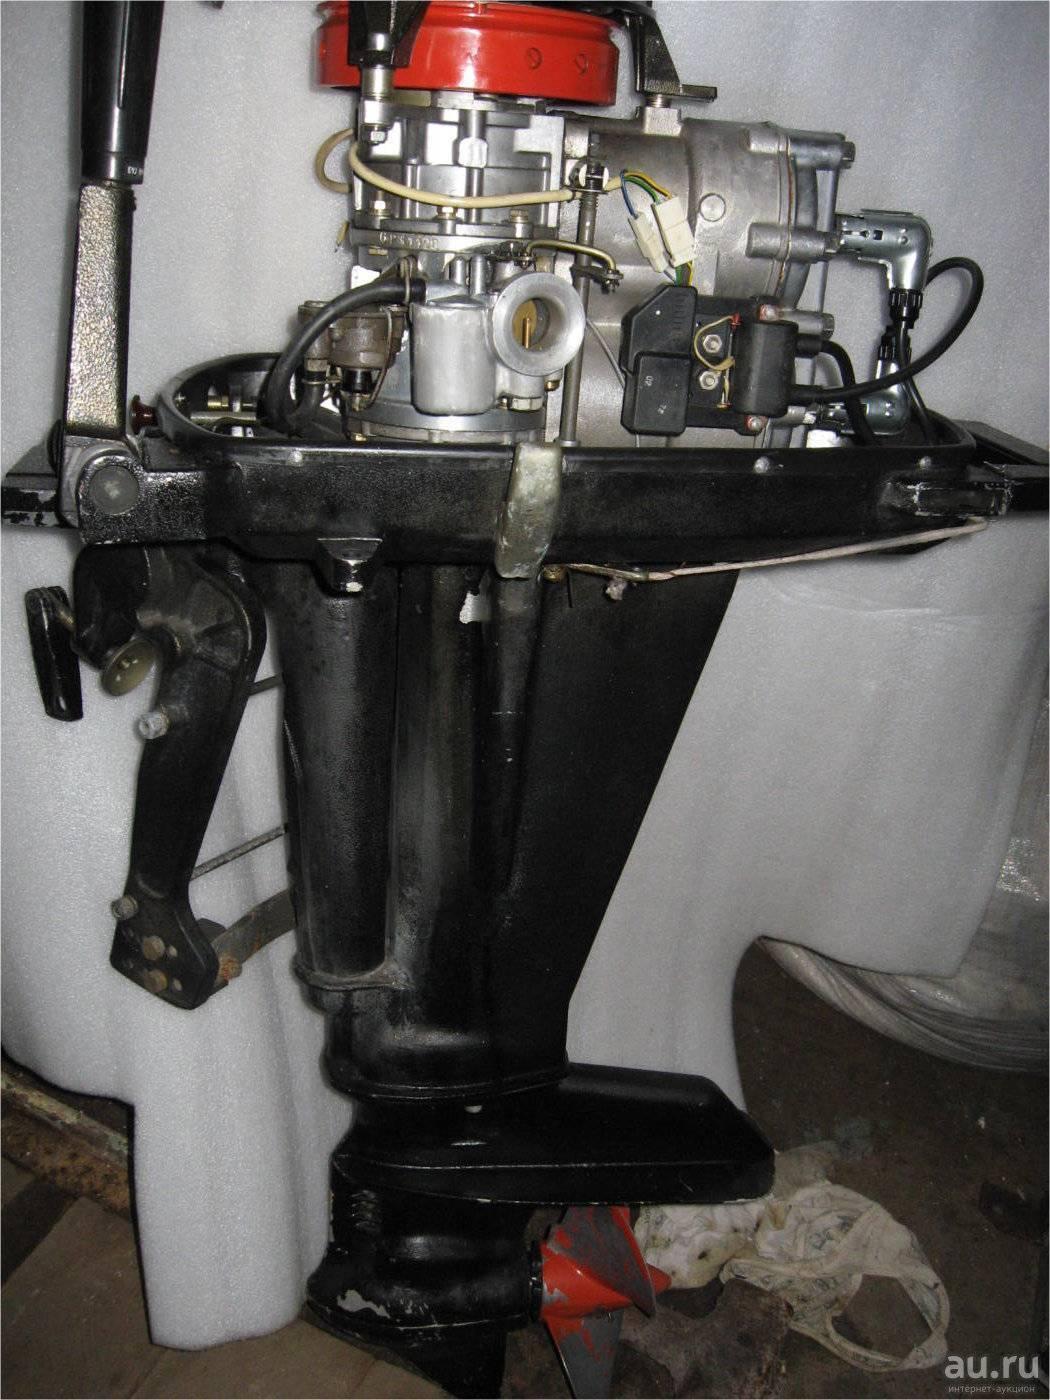 Лодочный мотор вихрь 25 характеристики, видео, отзывы